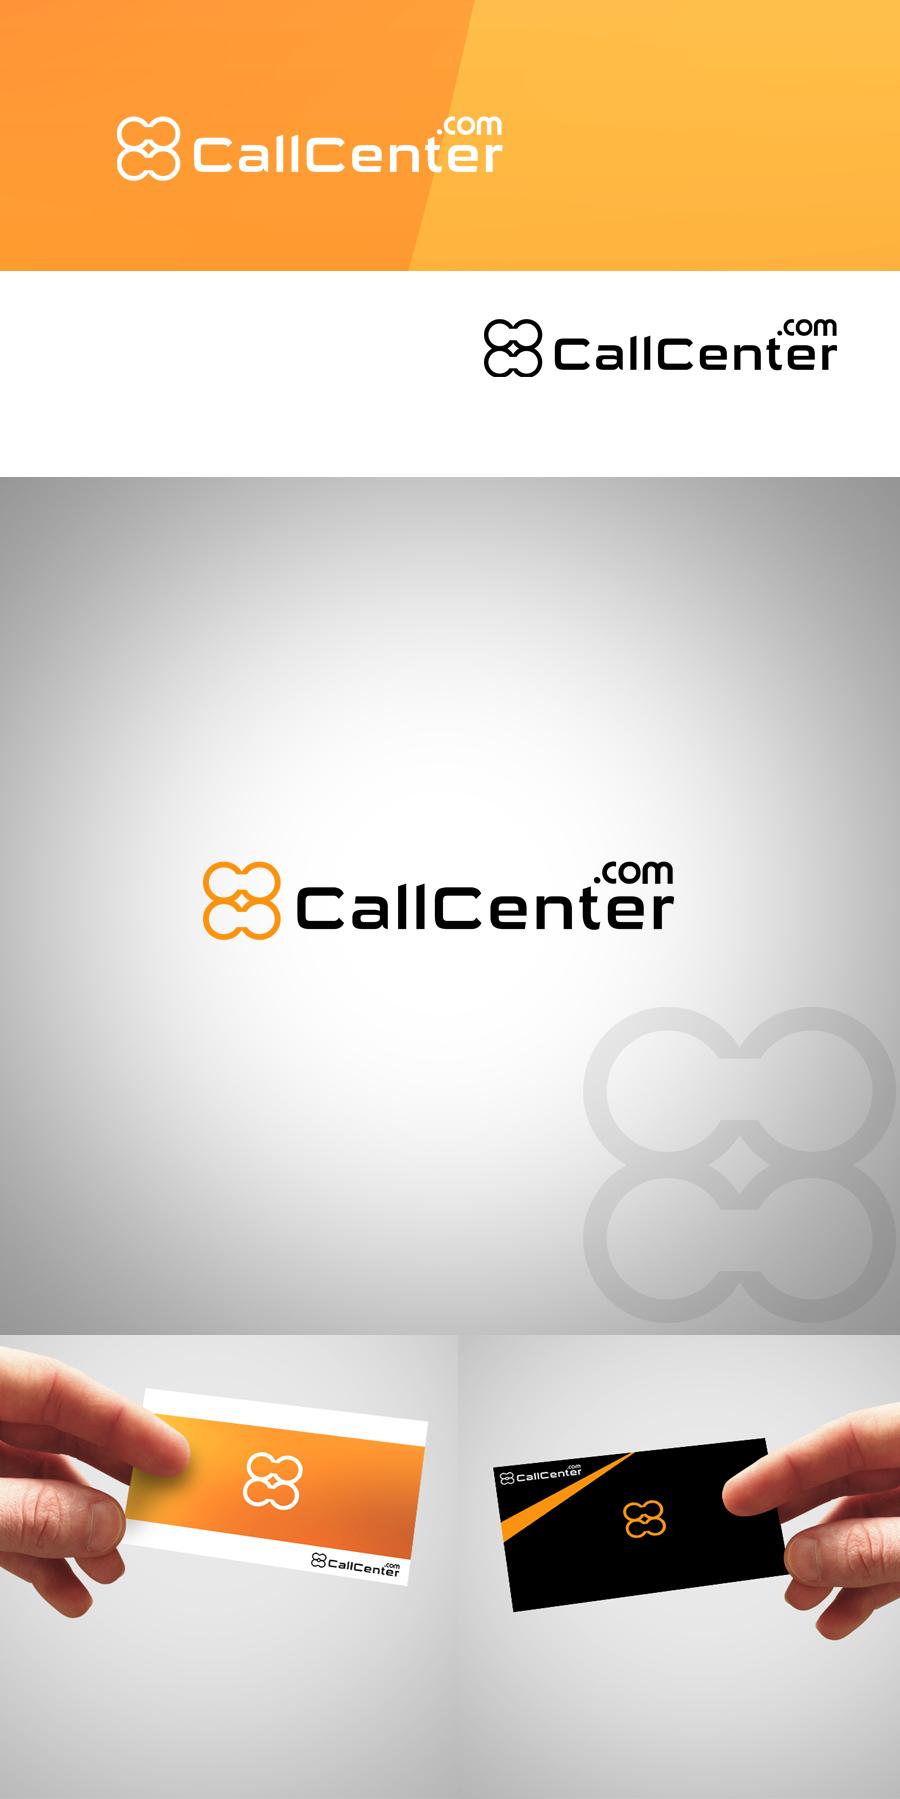 Logo Design by Private User - Entry No. 62 in the Logo Design Contest Captivating Logo Design for CallCenter.com.